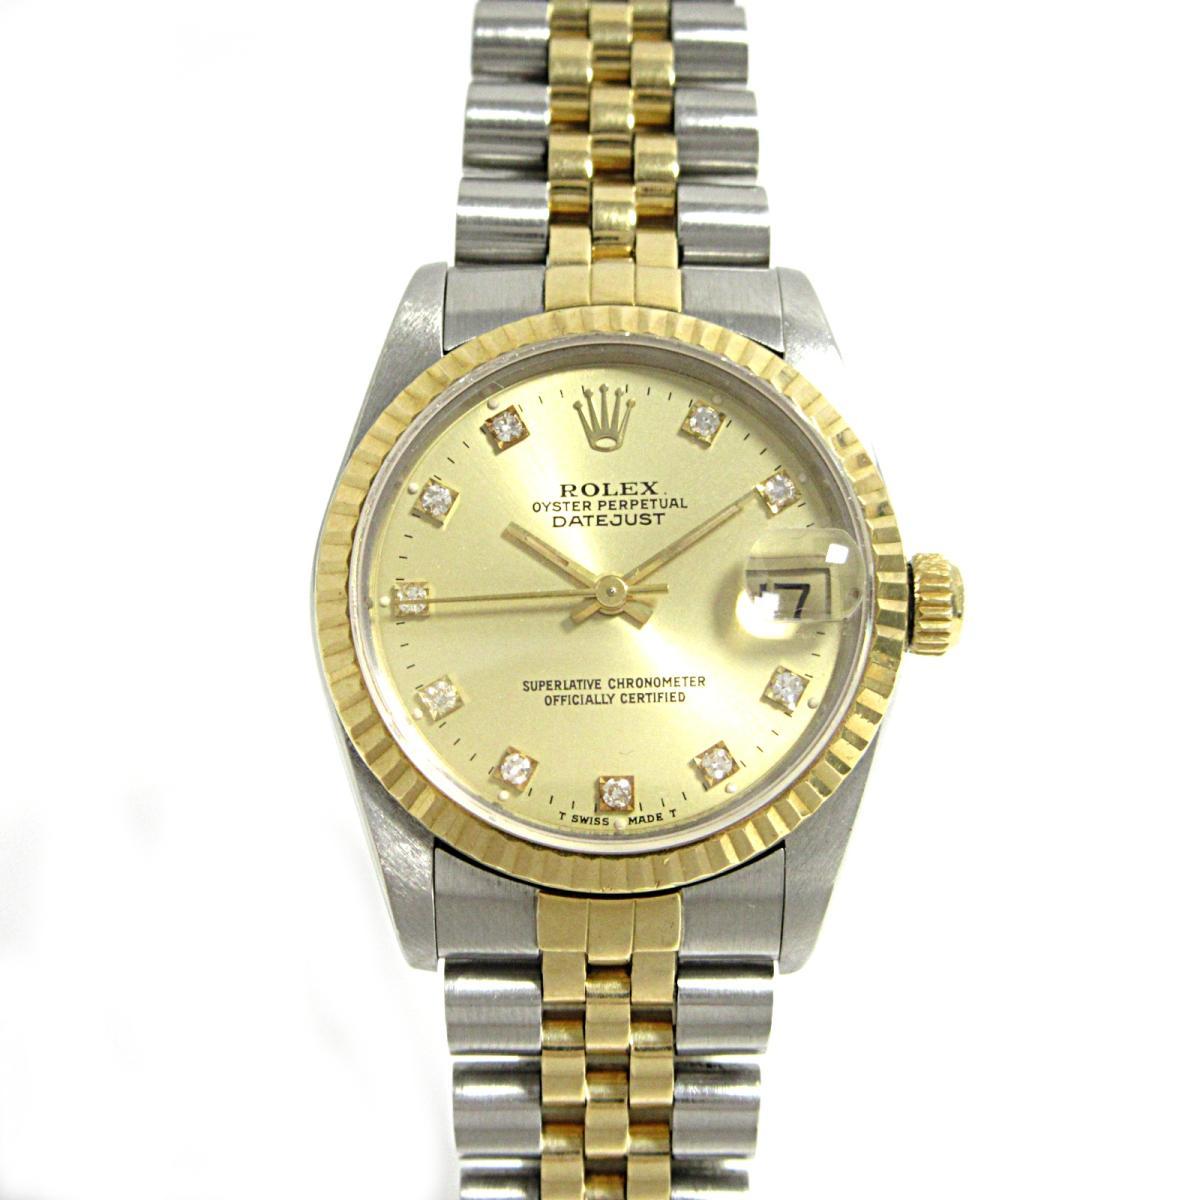 【中古】 ロレックス デイトジャスト 10Pダイヤ 腕時計 ウォッチ ステンレススチール (SS) x K18YG (750)イエローゴールド (68273G )   ROLEX オートマチック 自動巻き 時計 デイトジャスト 10Pダイヤ K18 18金 美品 ブランドオフ BRANDOFF